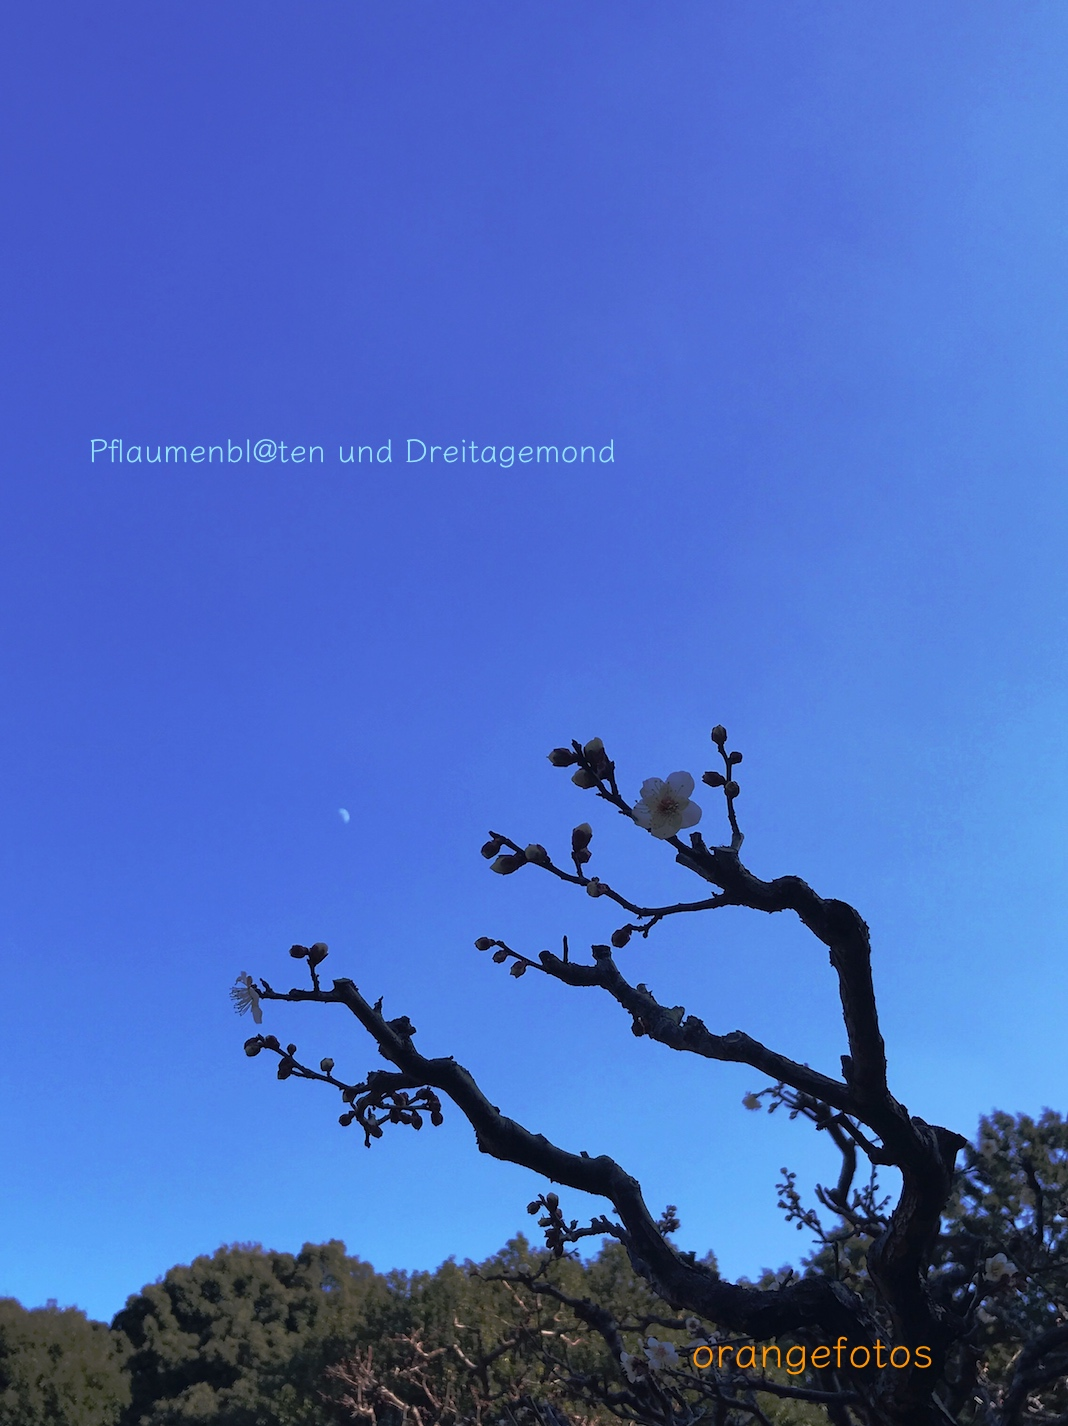 Pflaumen Mond.jpg